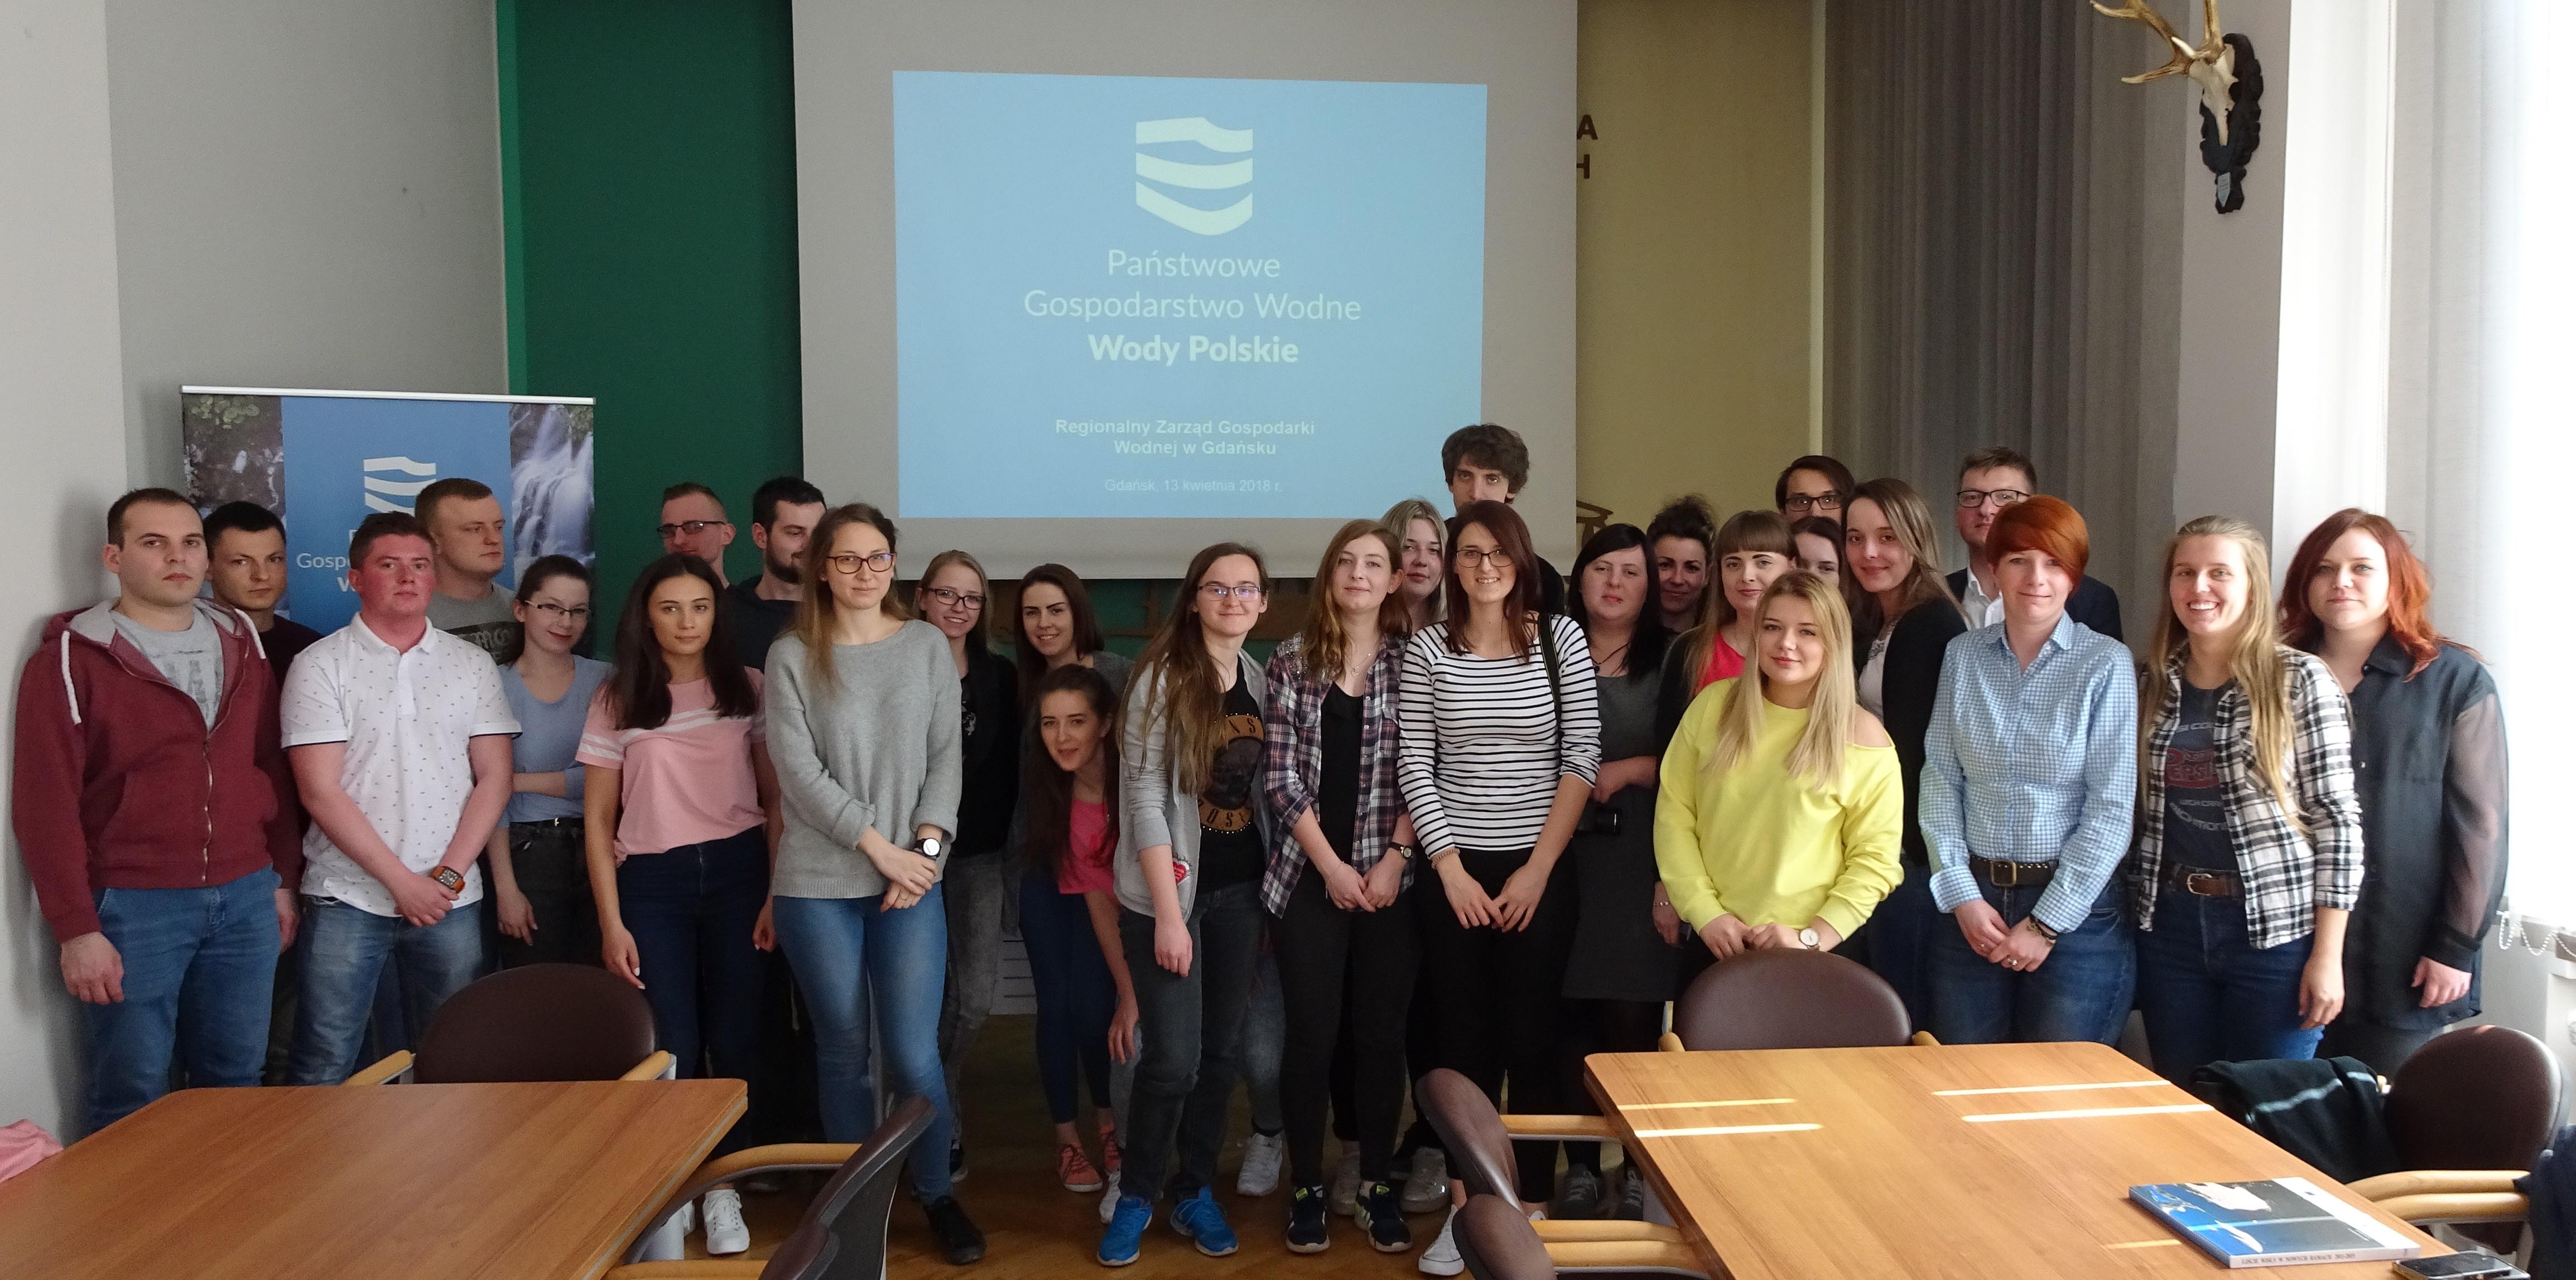 Studenci, UWM, RZGW, Wody Polskie